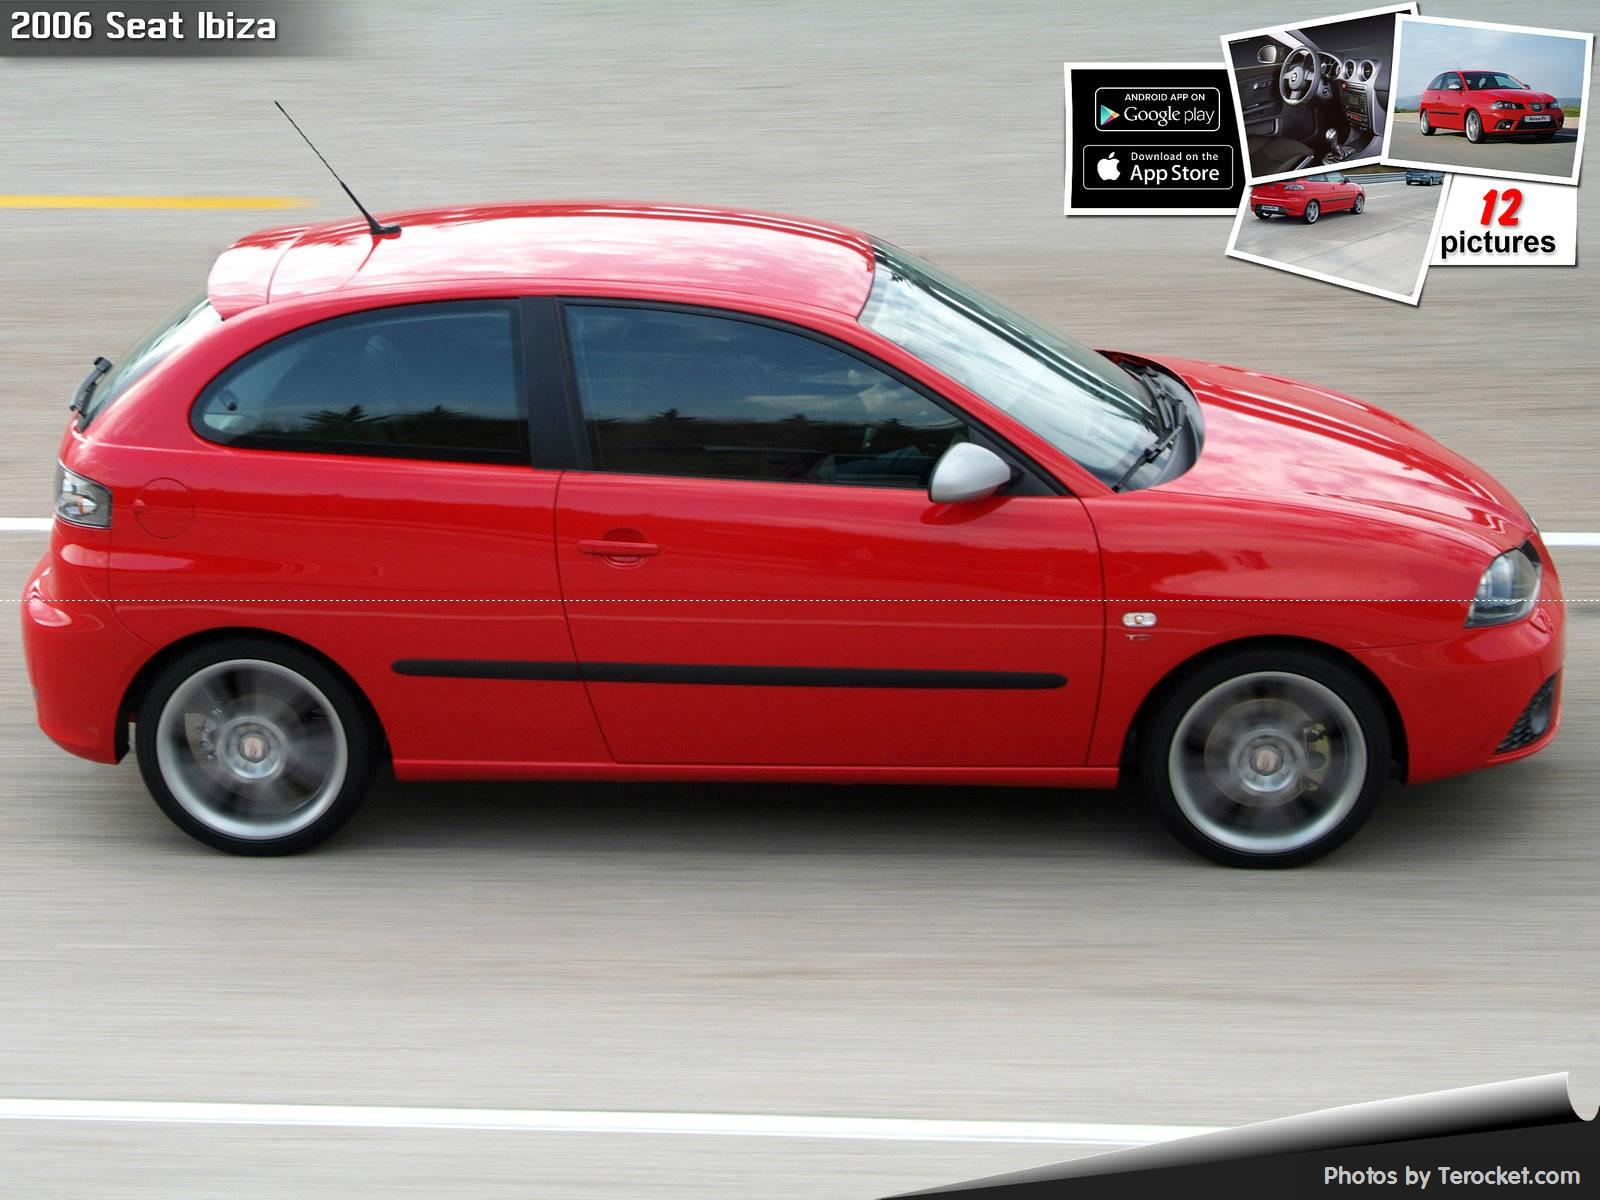 Hình ảnh xe ô tô Seat Ibiza 2006 & nội ngoại thất